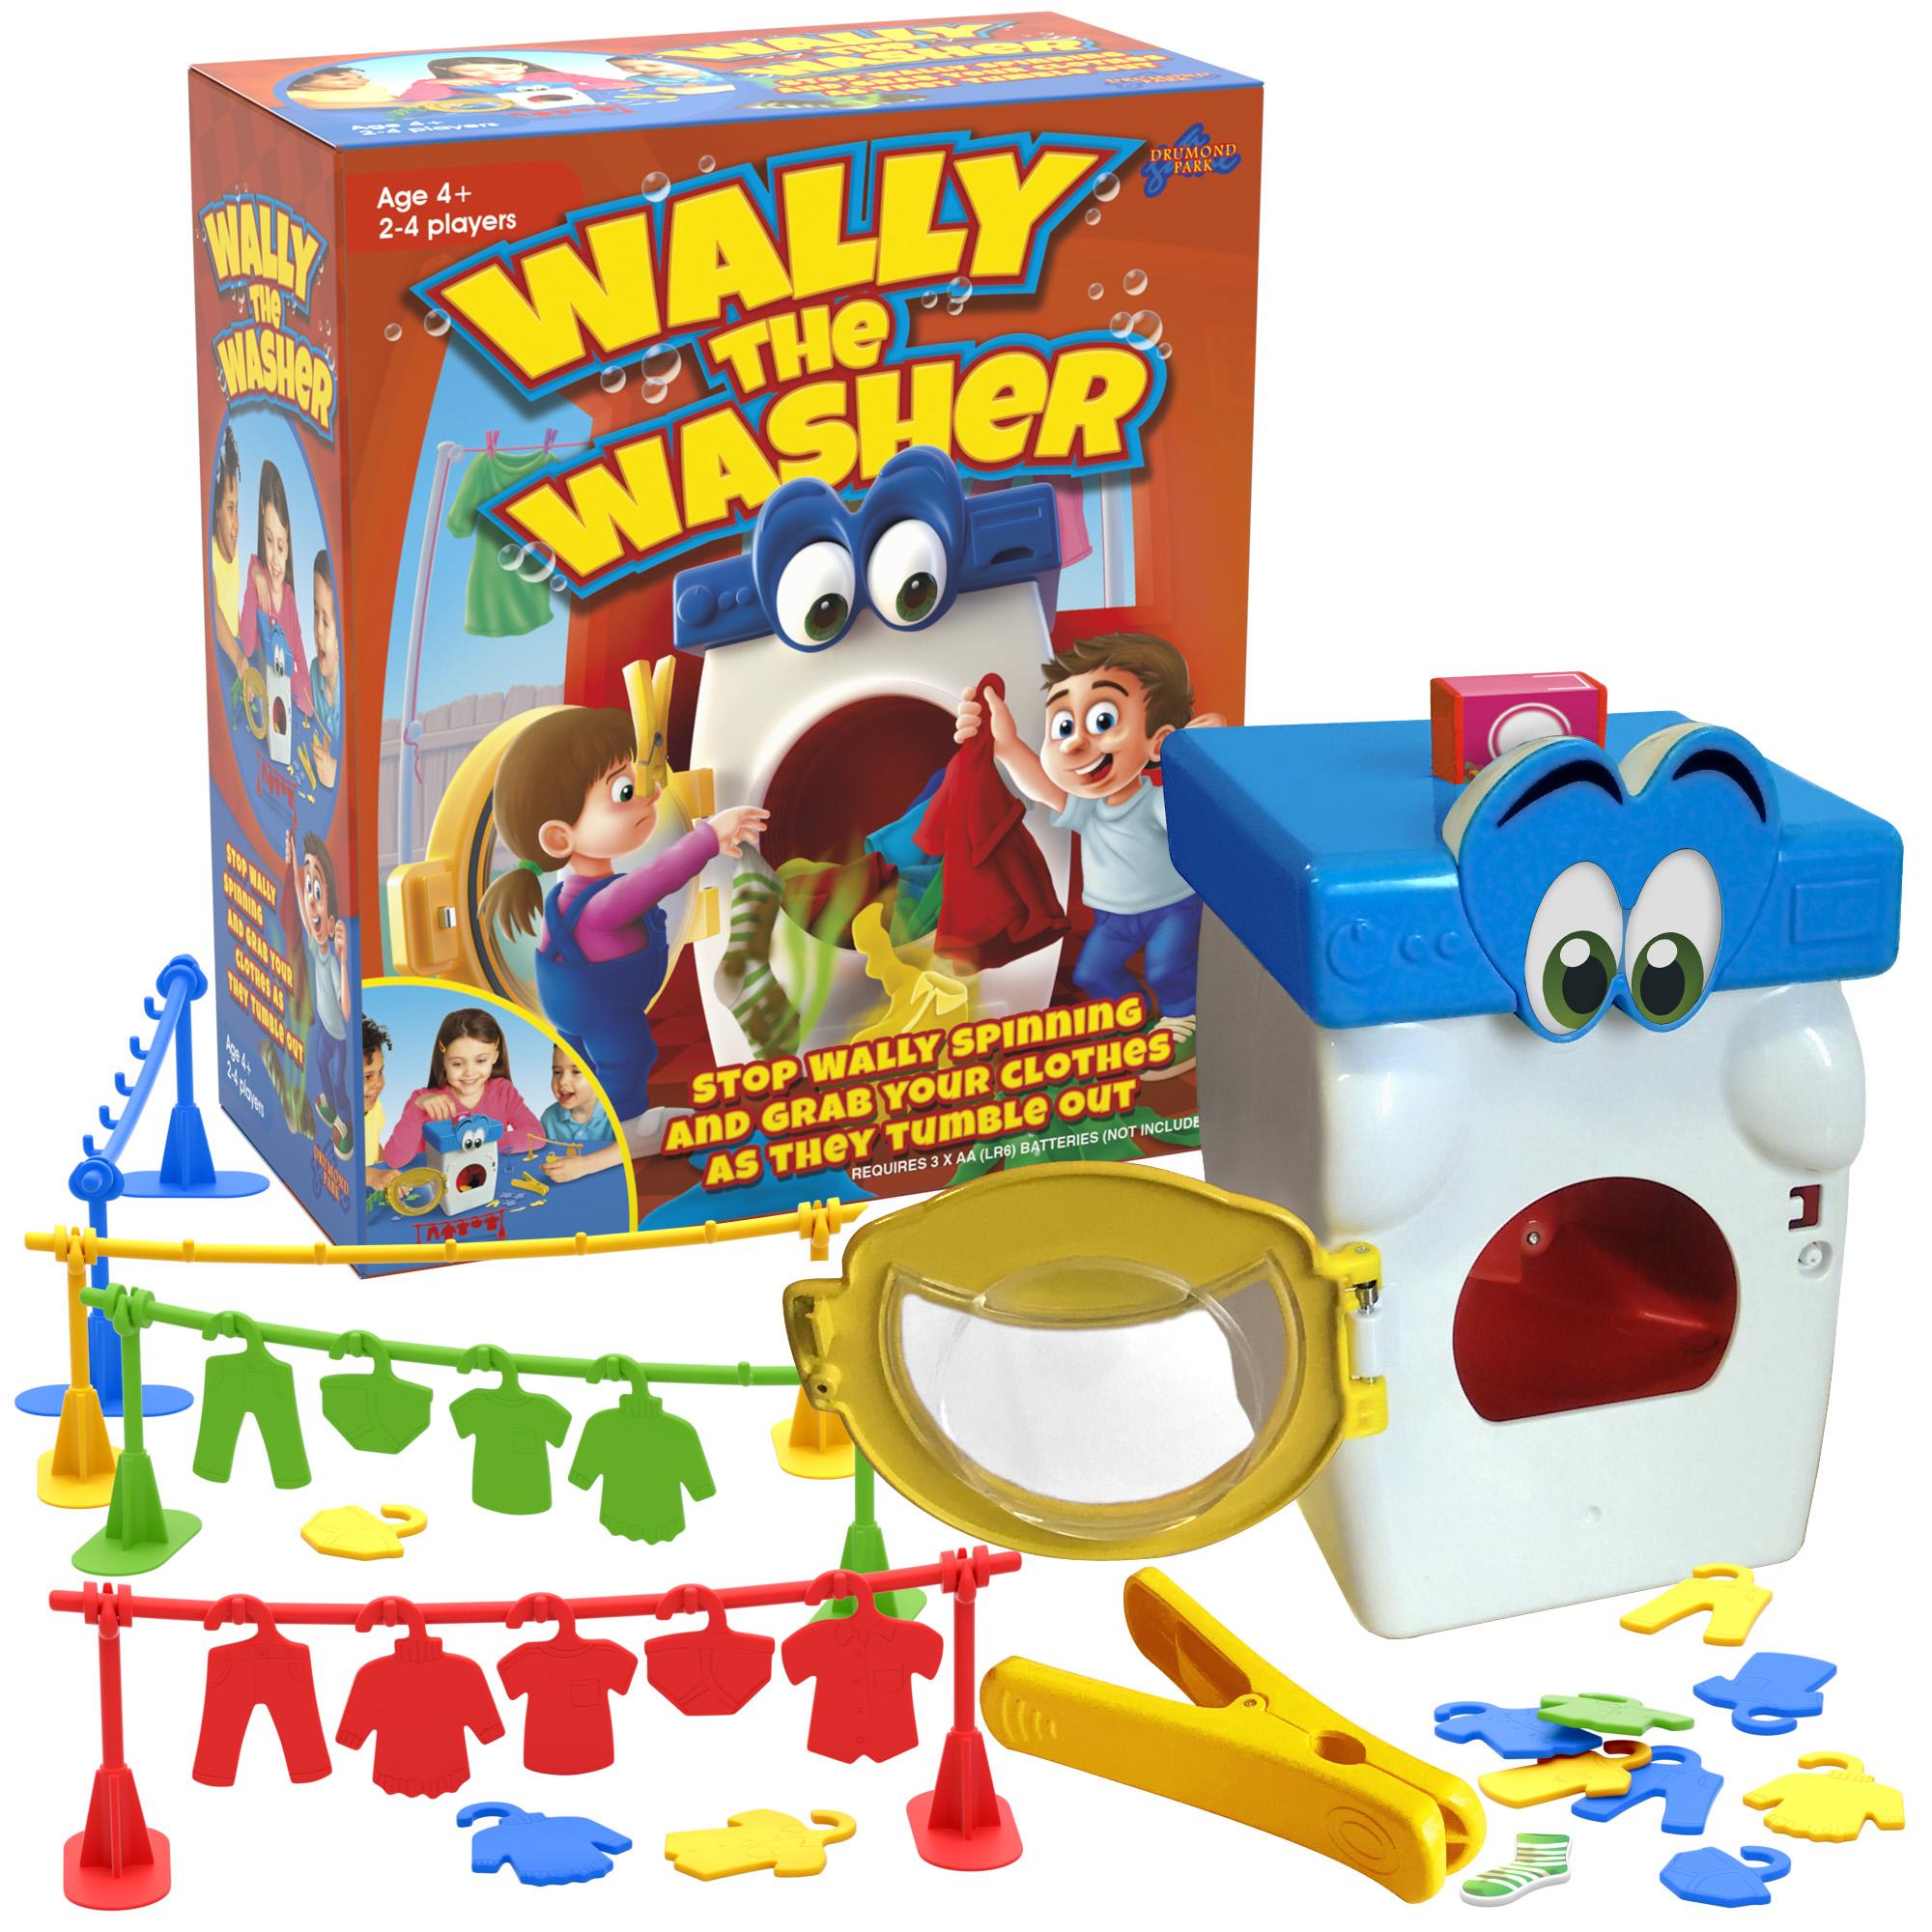 WallyTheWasher montage HR